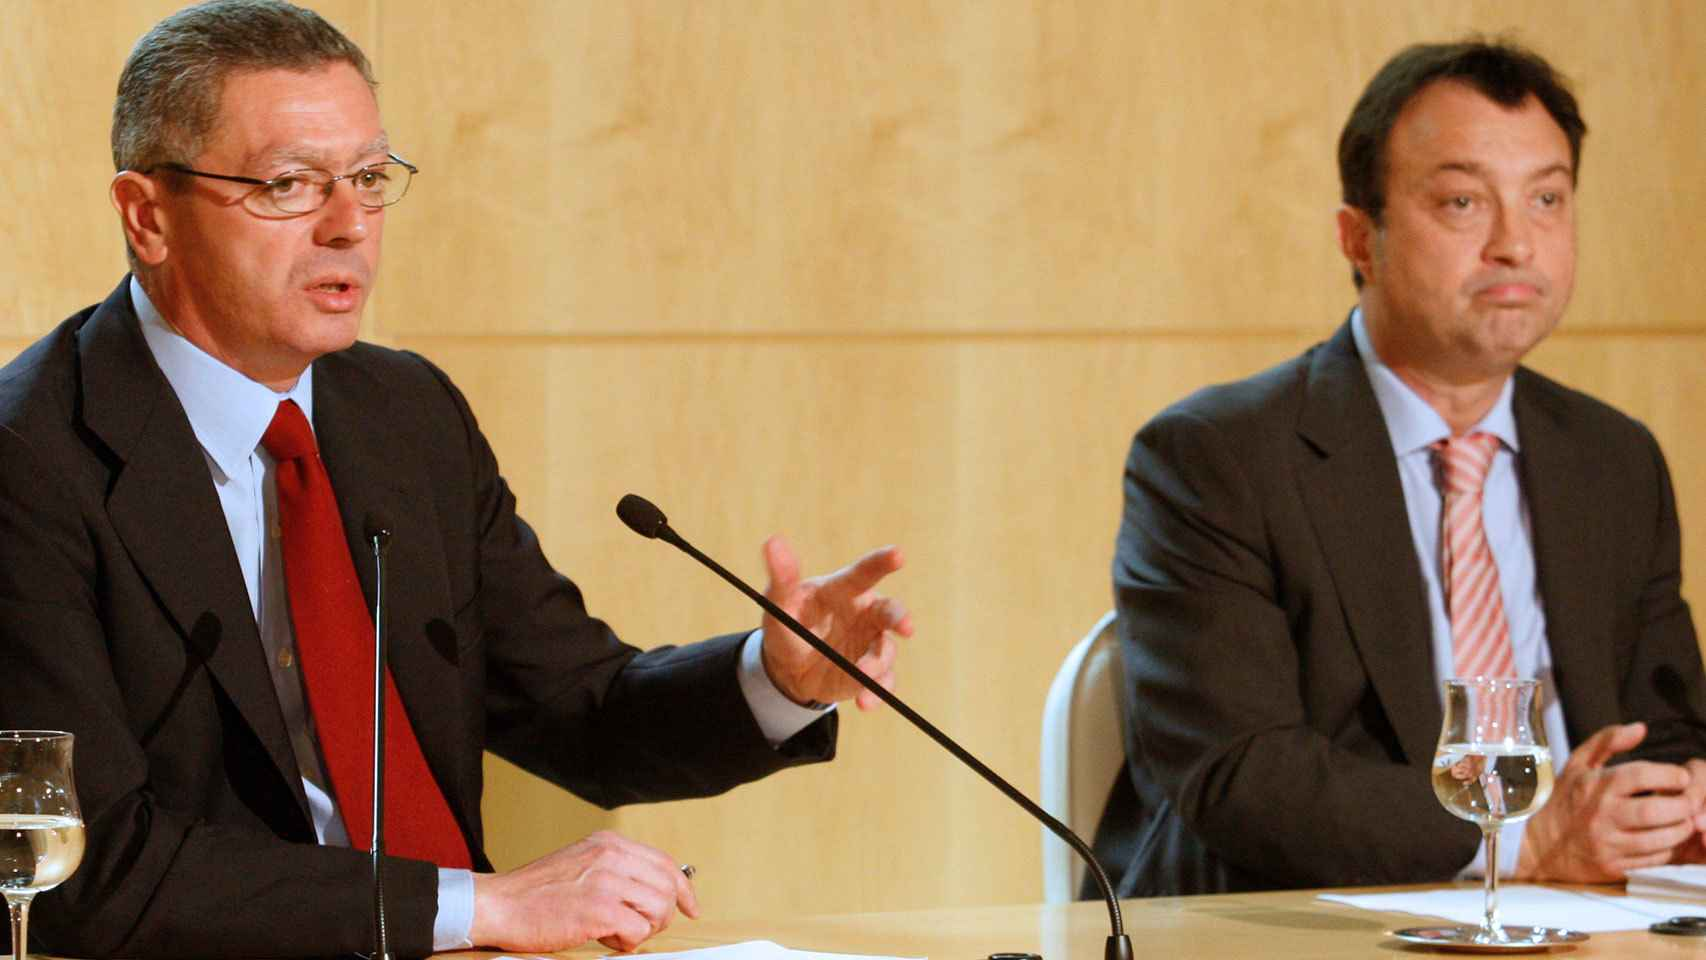 Alberto Ruiz Gallardón y Manuel Cobo en el Ayuntamiento de Madrid.